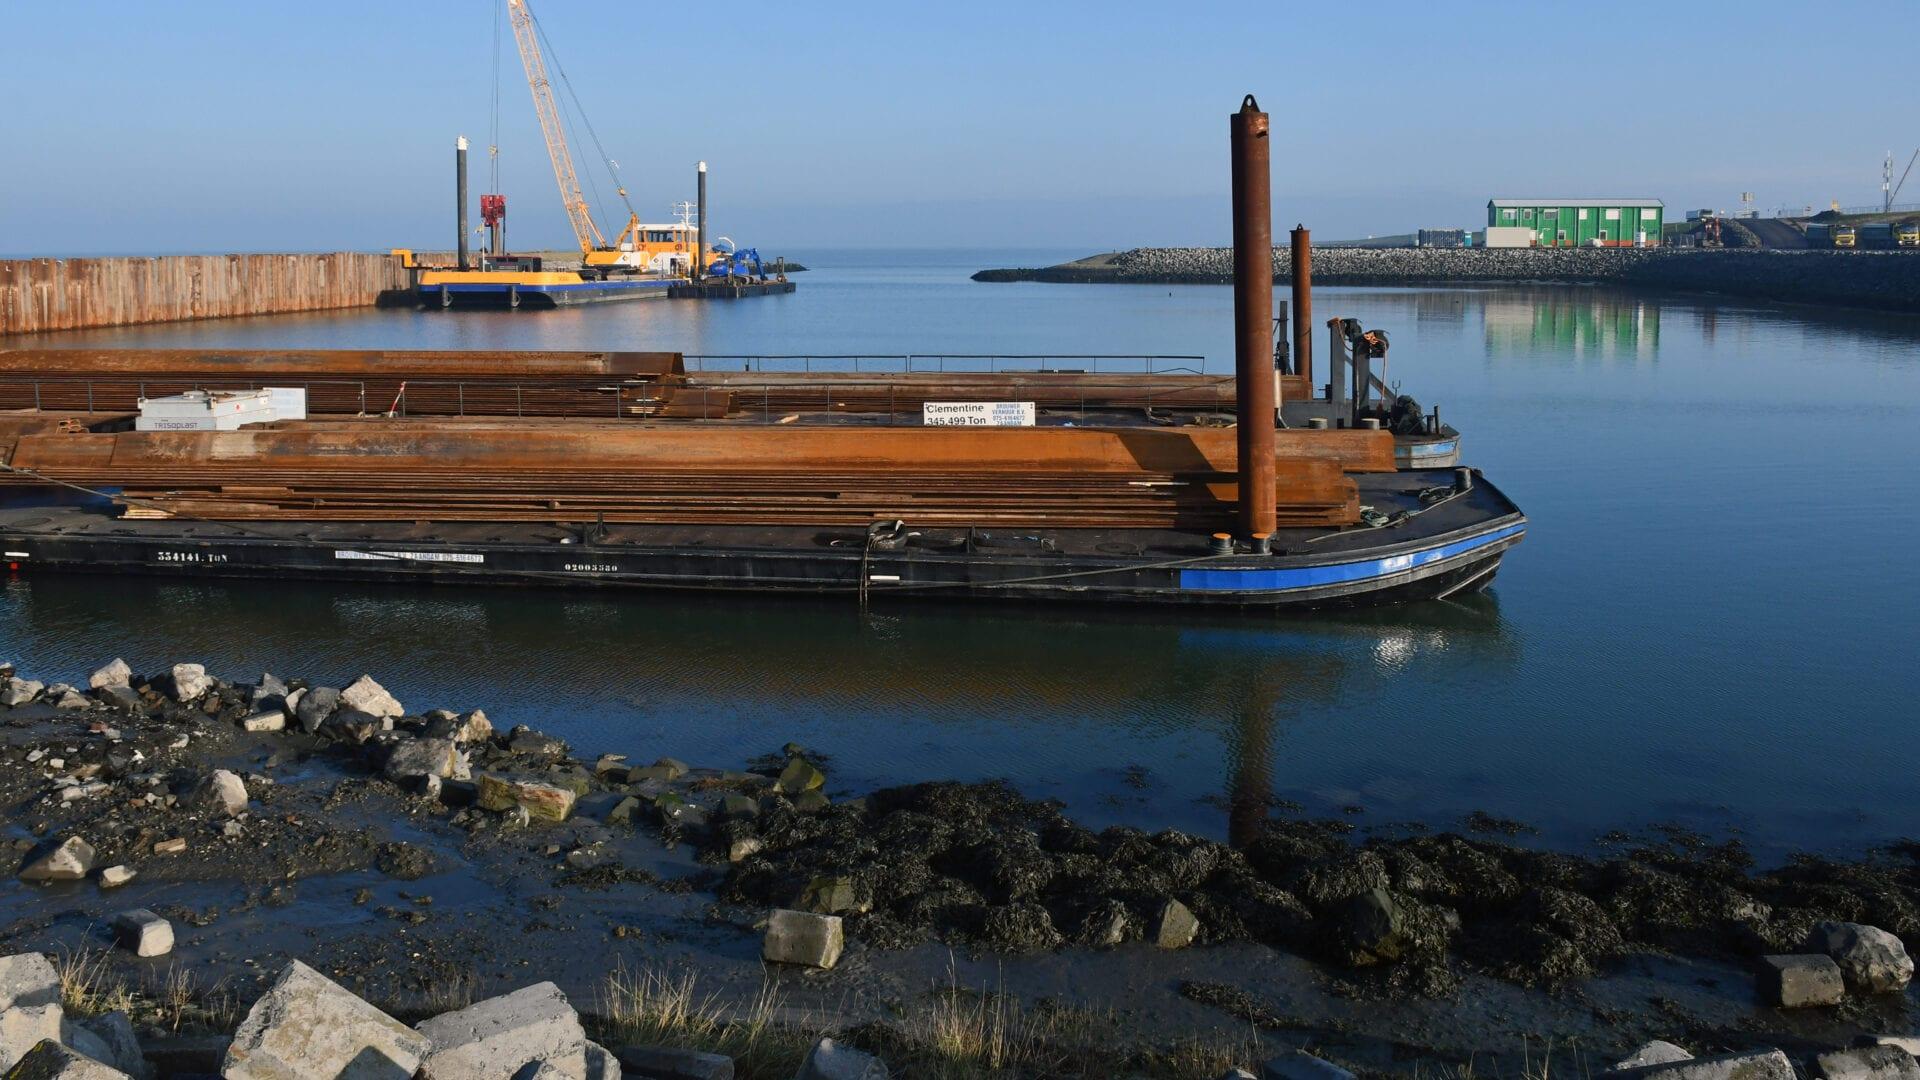 Wij zijn een stukje van grond en veel water op de achtergrond. Er ligt een boot in het water met roestkleurige pijpen en platen. Dit zijn damwanden die klaarliggen.